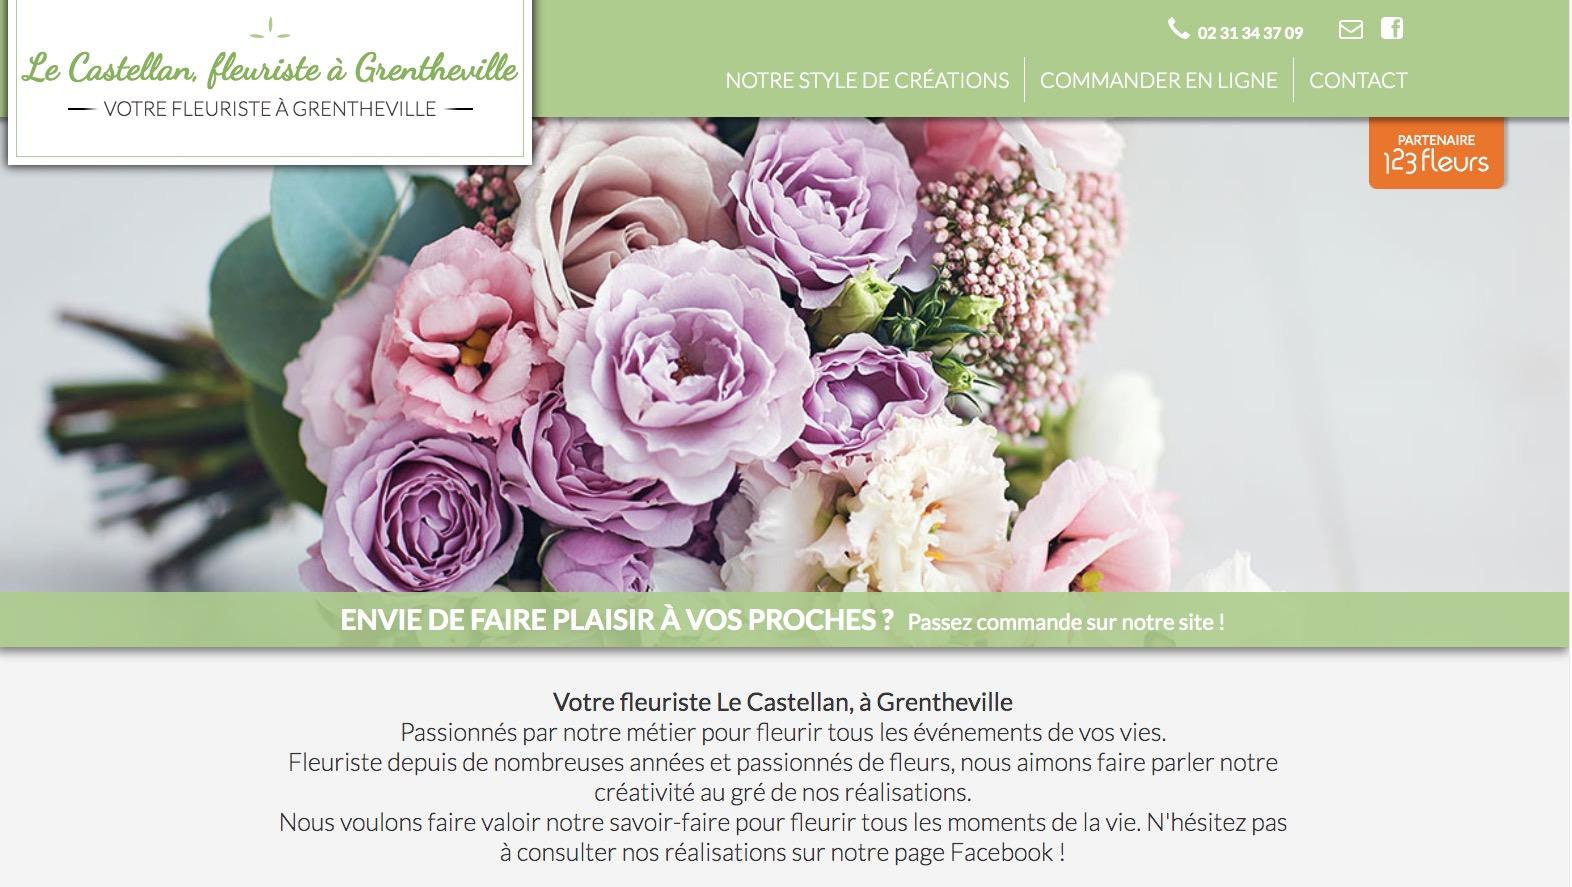 Site fleuriste Le Castellan - 123fleurs